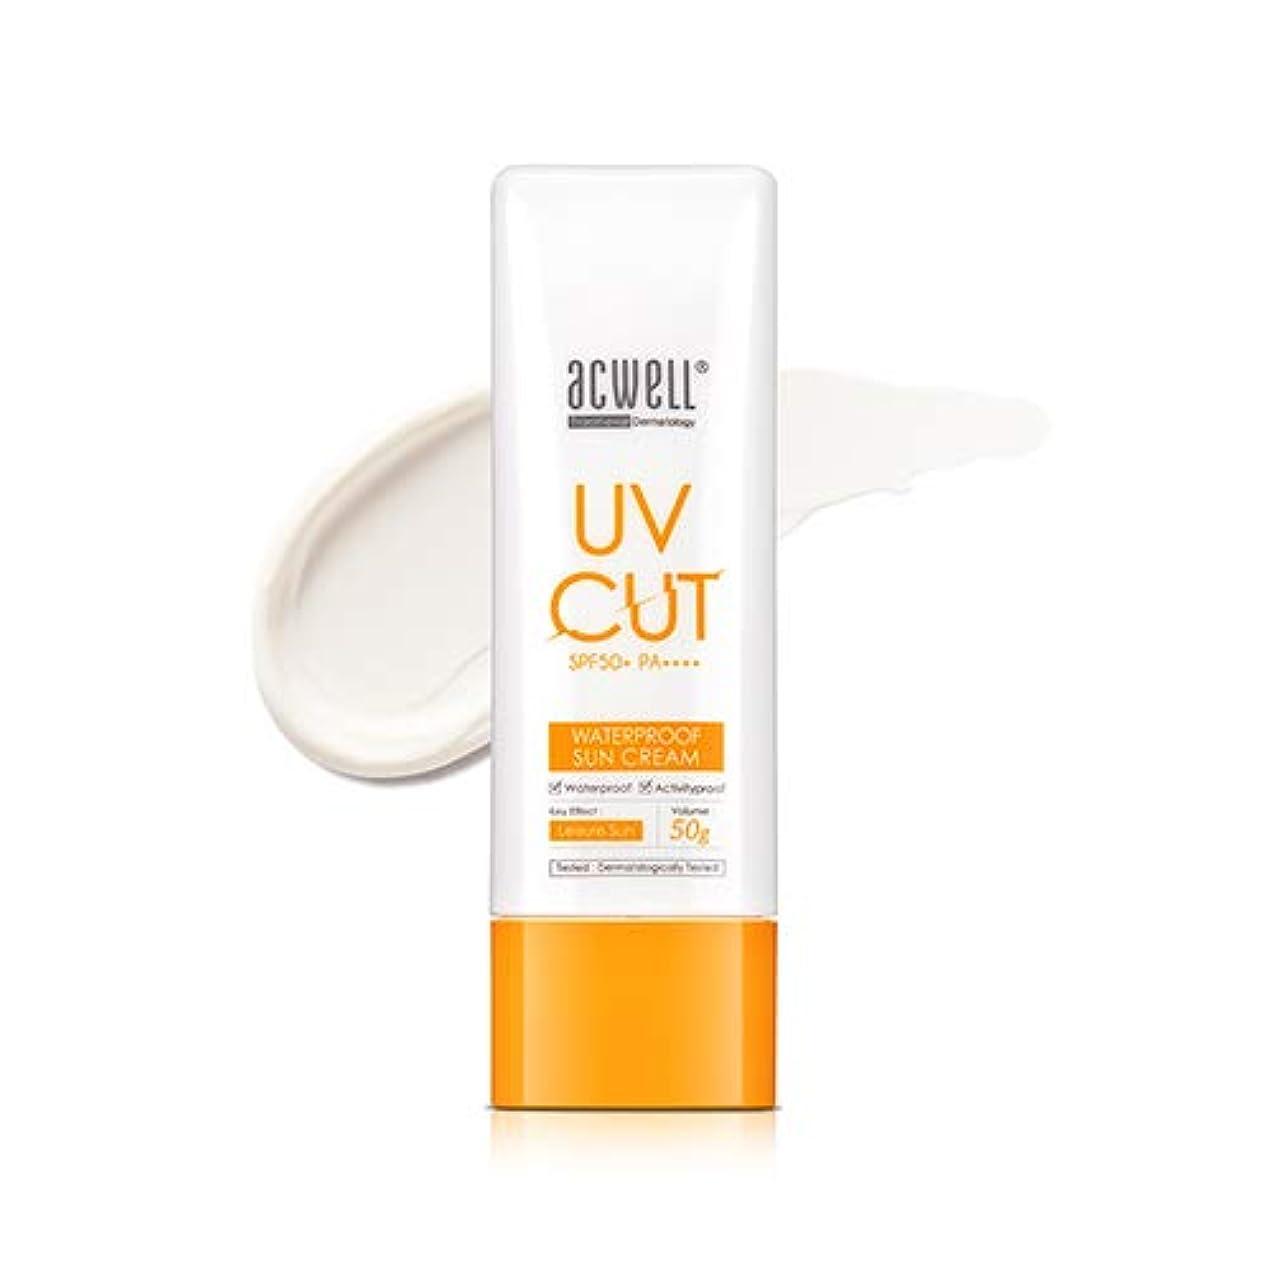 寛大な許さない危機アクウェル ACWELL UV Cut Waterproof Sun Cream ウォータープルーフ サンクリーム 50g, SPF50+ PA++++ [Made in Korea]